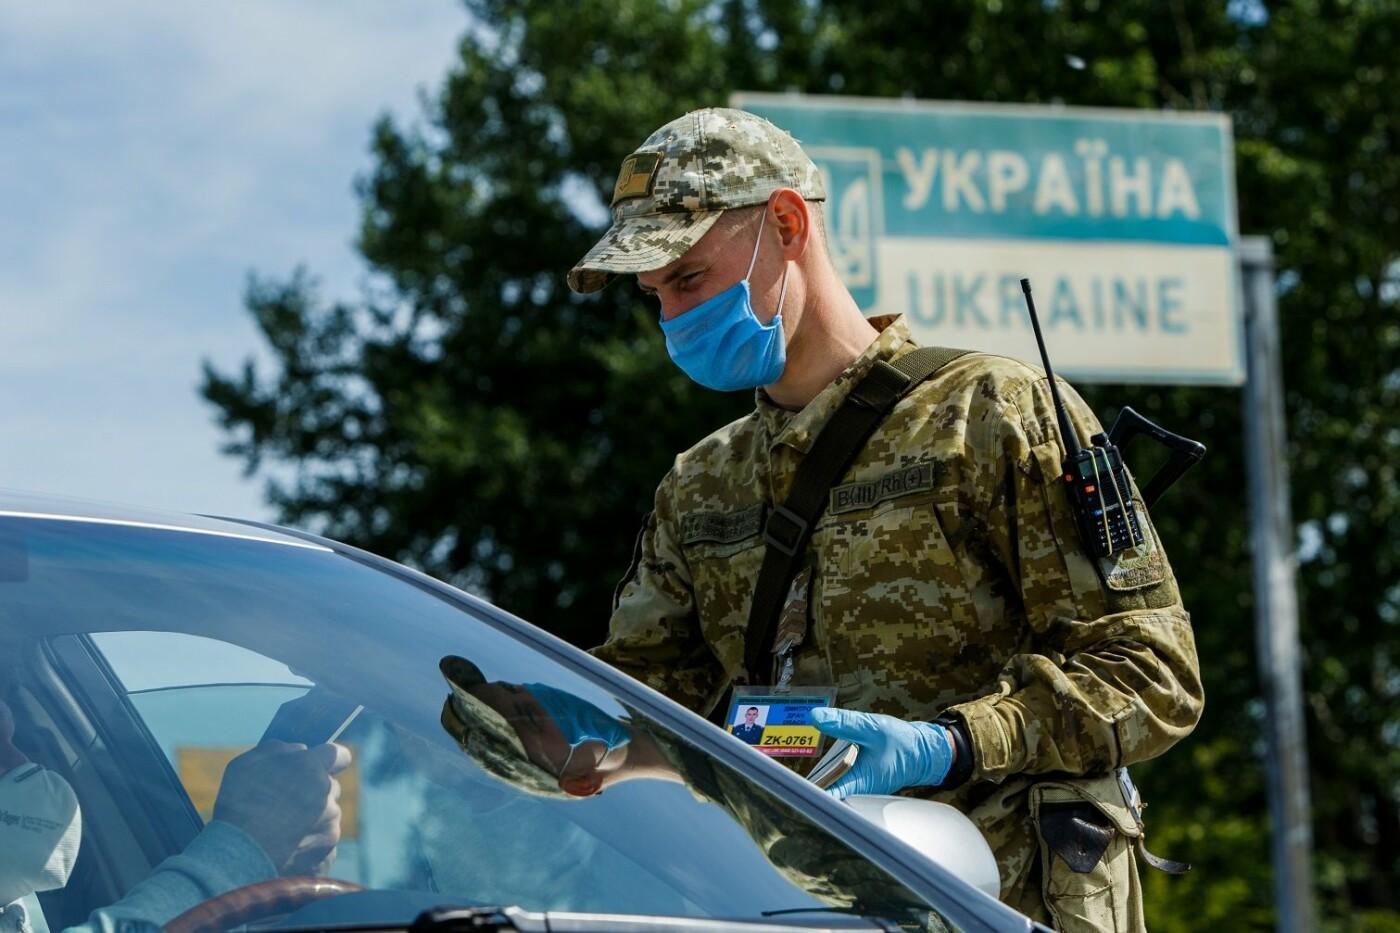 Двох іноземців, які незаконно перебували на території Чернівецької області оштрафовано